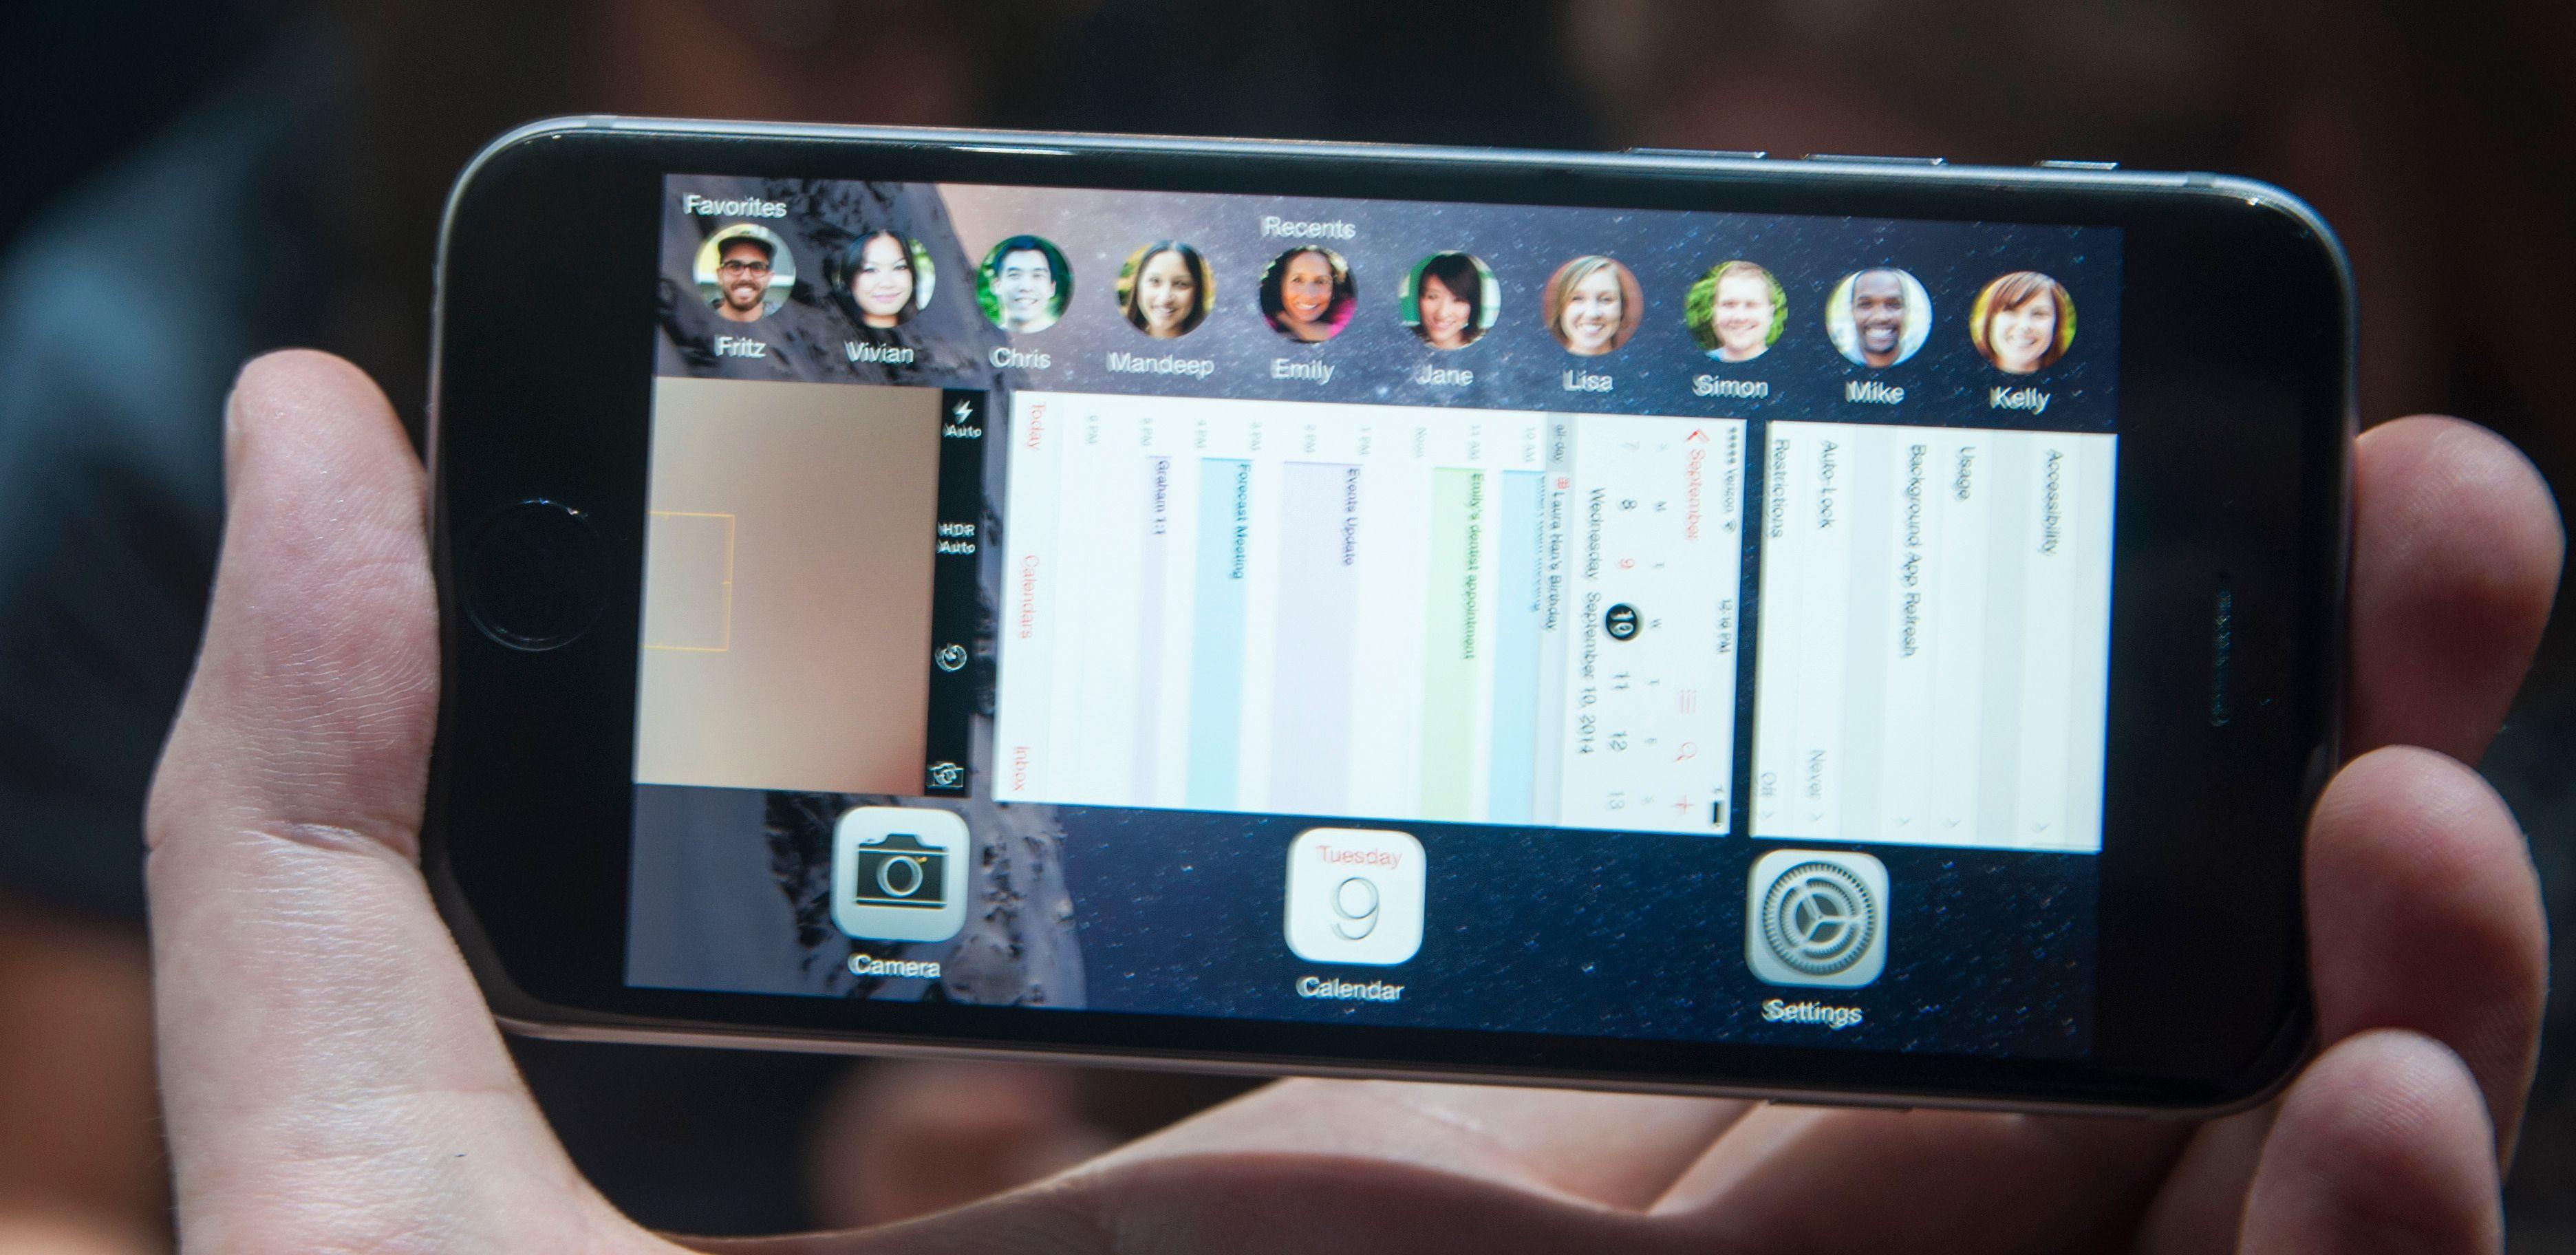 iOS har flere små tilpasninger for større skjermer. De fleste steder handler det om å vise mer informasjon.Foto: Finn Jarle Kvalheim, Amobil.no